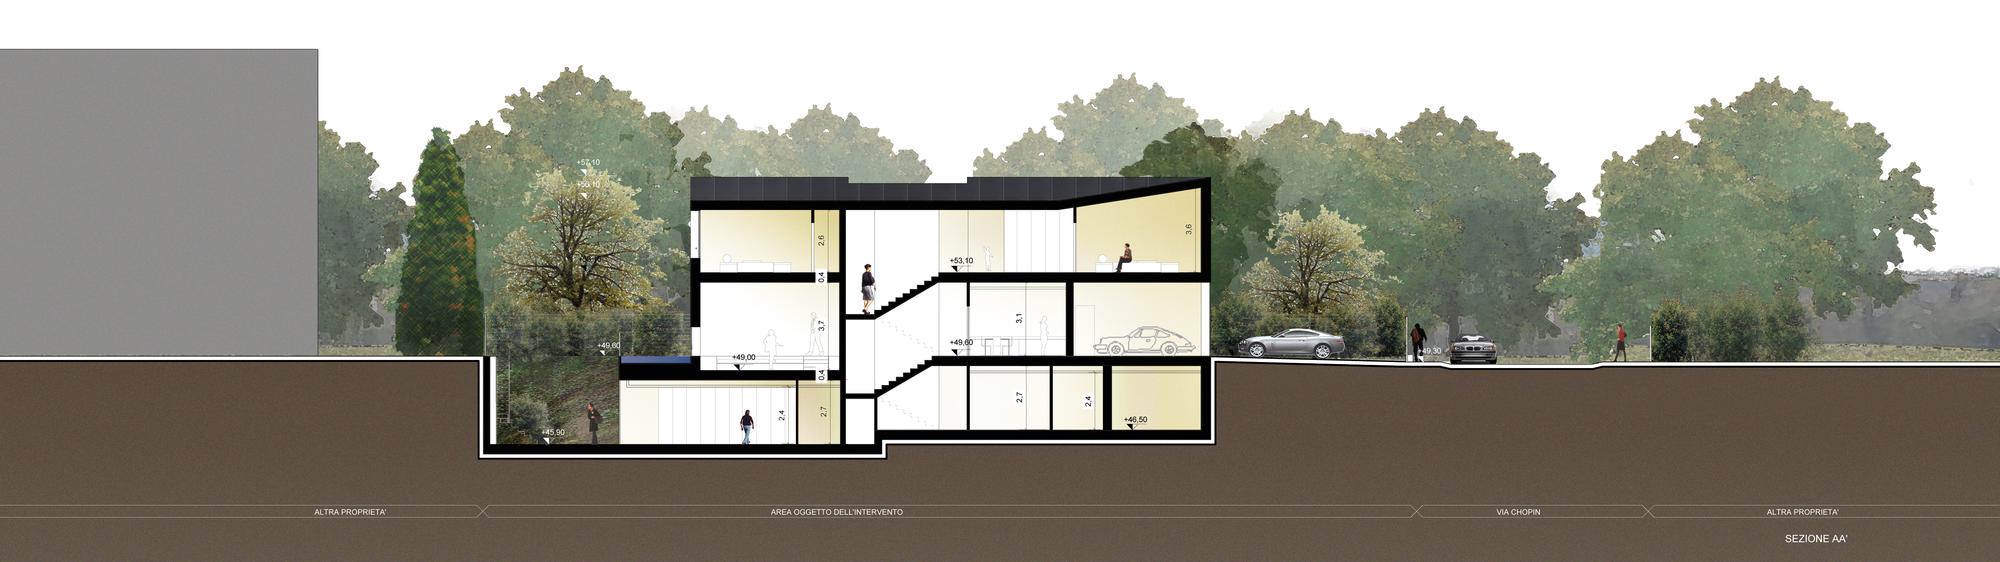 Gallery of Casa Di Sassuolo / Enrico Iascone Architetti - 22